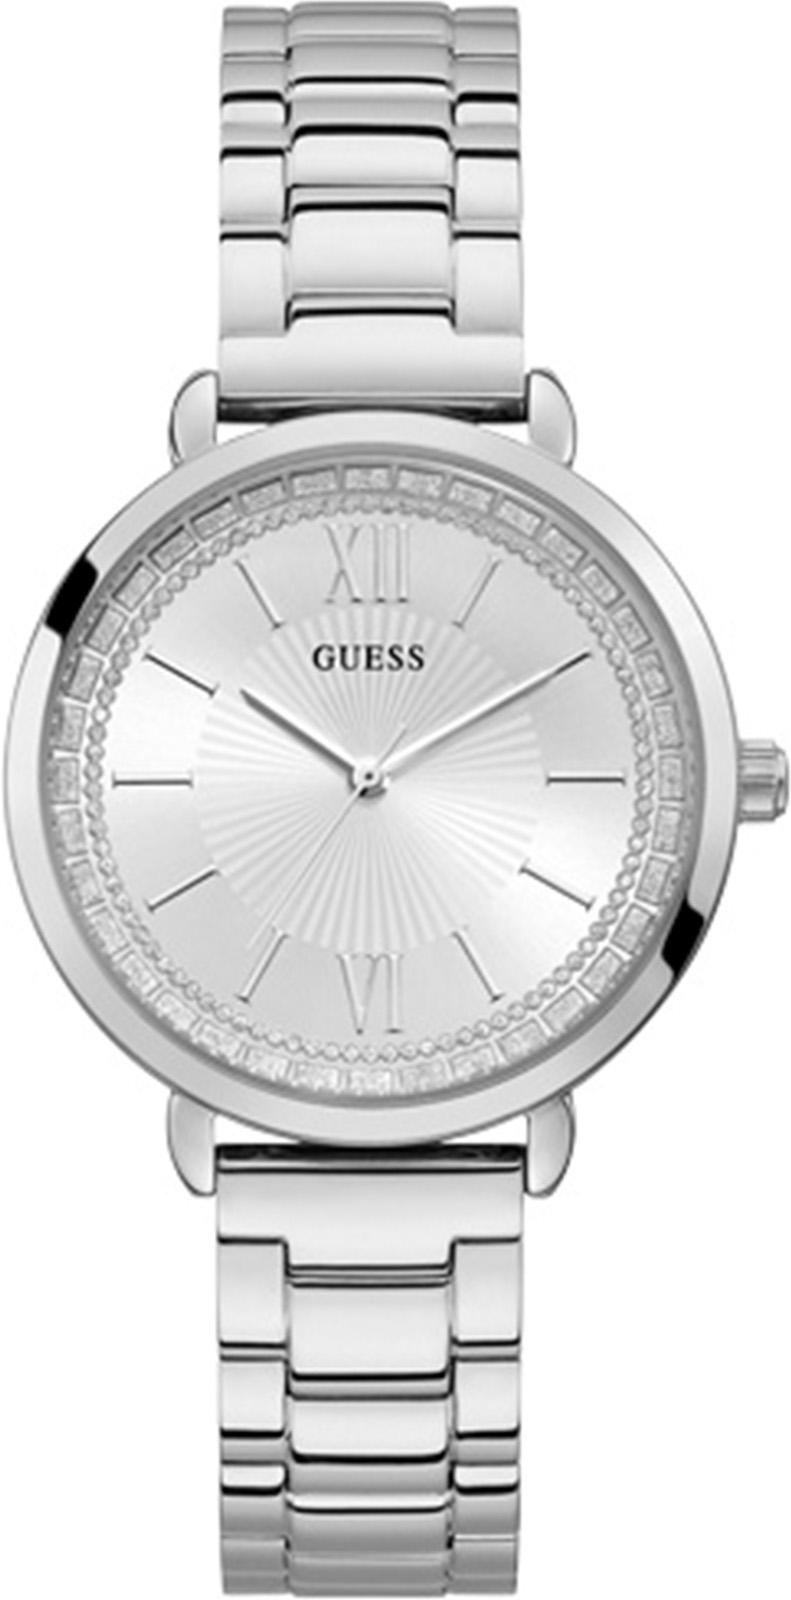 цена Часы Guess POSH онлайн в 2017 году